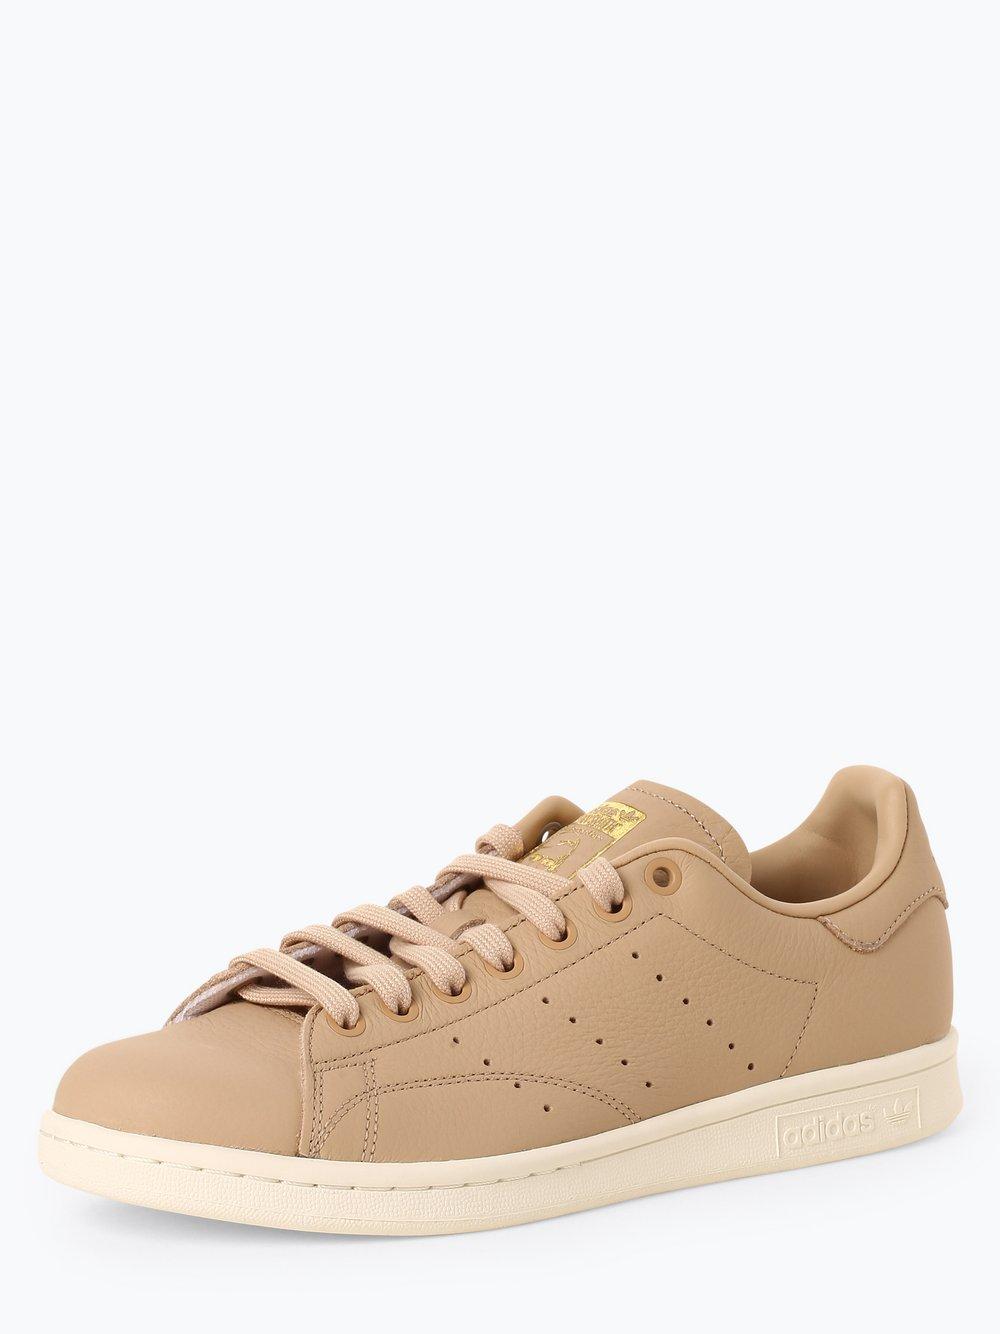 Obraz przedstawiający adidas Originals - Damskie tenisówki ze skóry – Stan Smith, beżowy